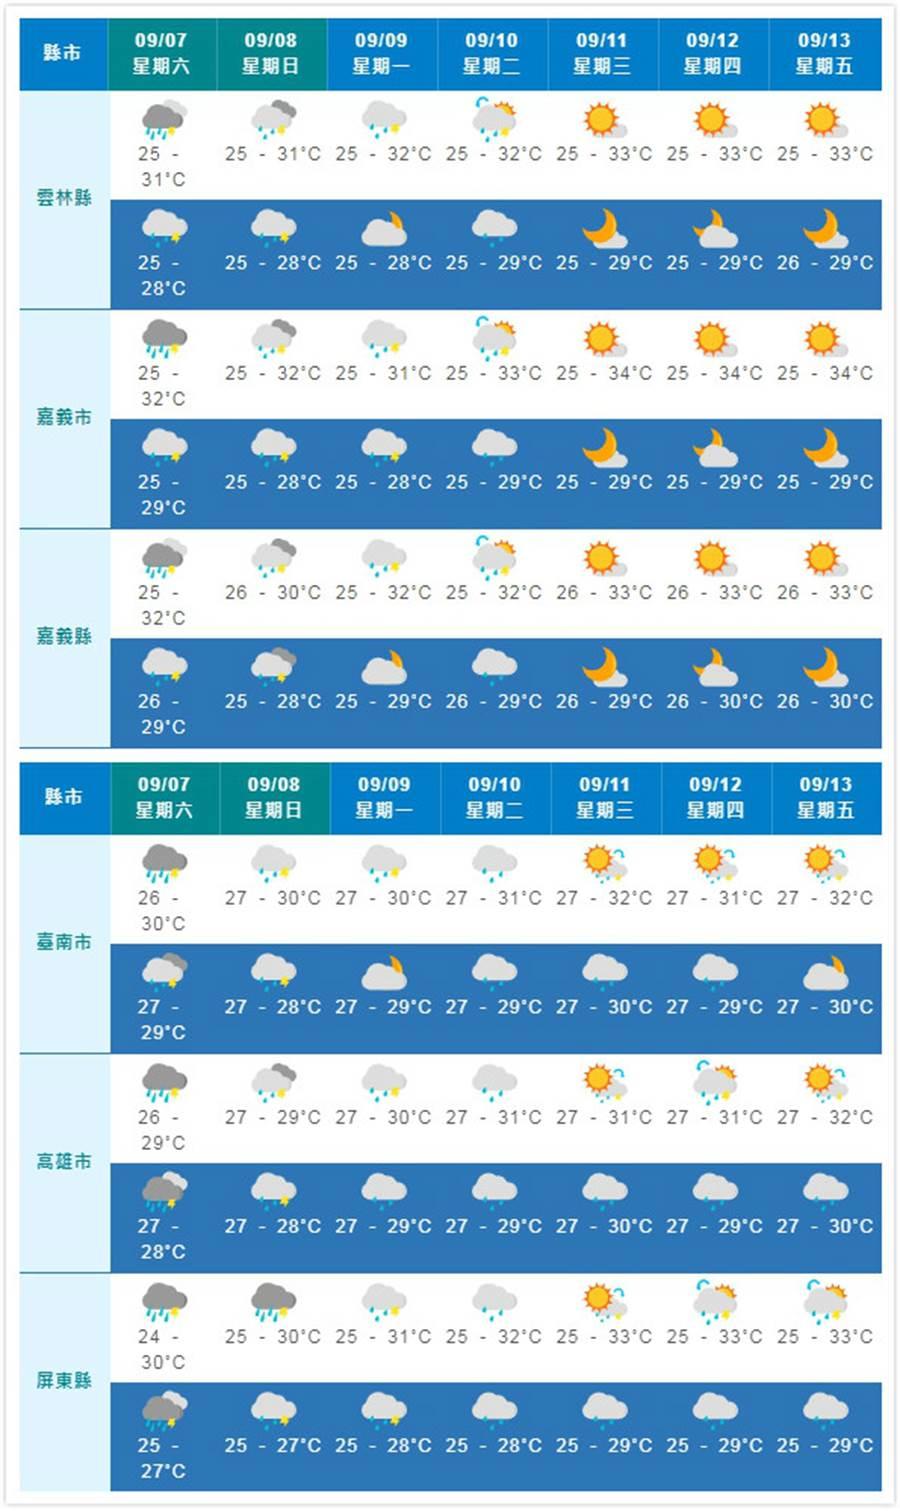 南部方面,屏東縣稍注意多雲短暫陣雨,臺南、高雄市晴時多雲,小心午後雷陣雨。(摘自中央氣象局)